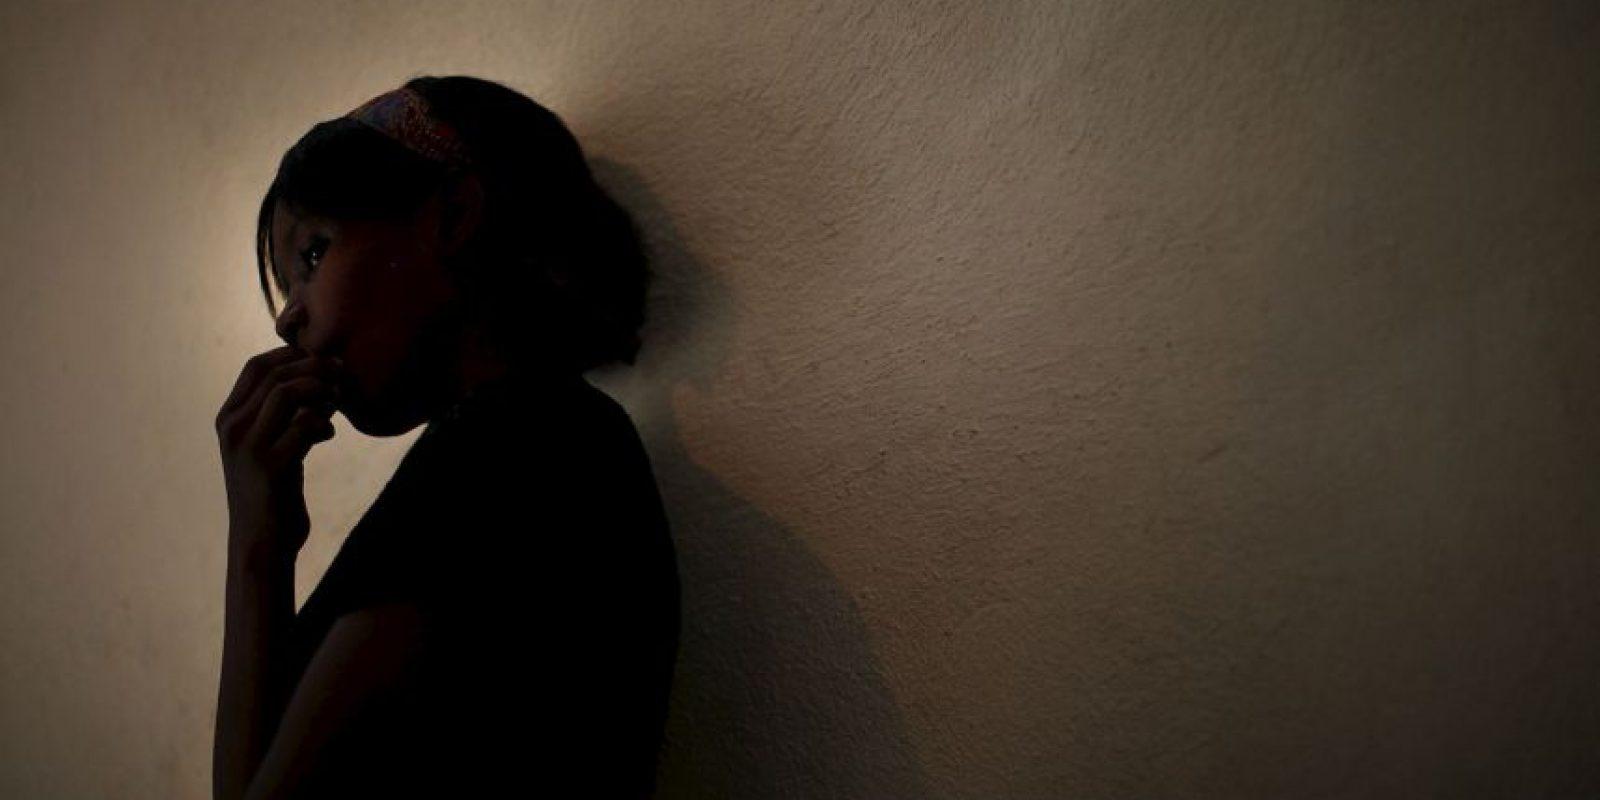 La violencia contra la mujer -especialmente la ejercida por su pareja y la violencia sexual- constituye un grave problema de salud pública y una violación de los derechos humanos de las mujeres. Foto:Getty Images